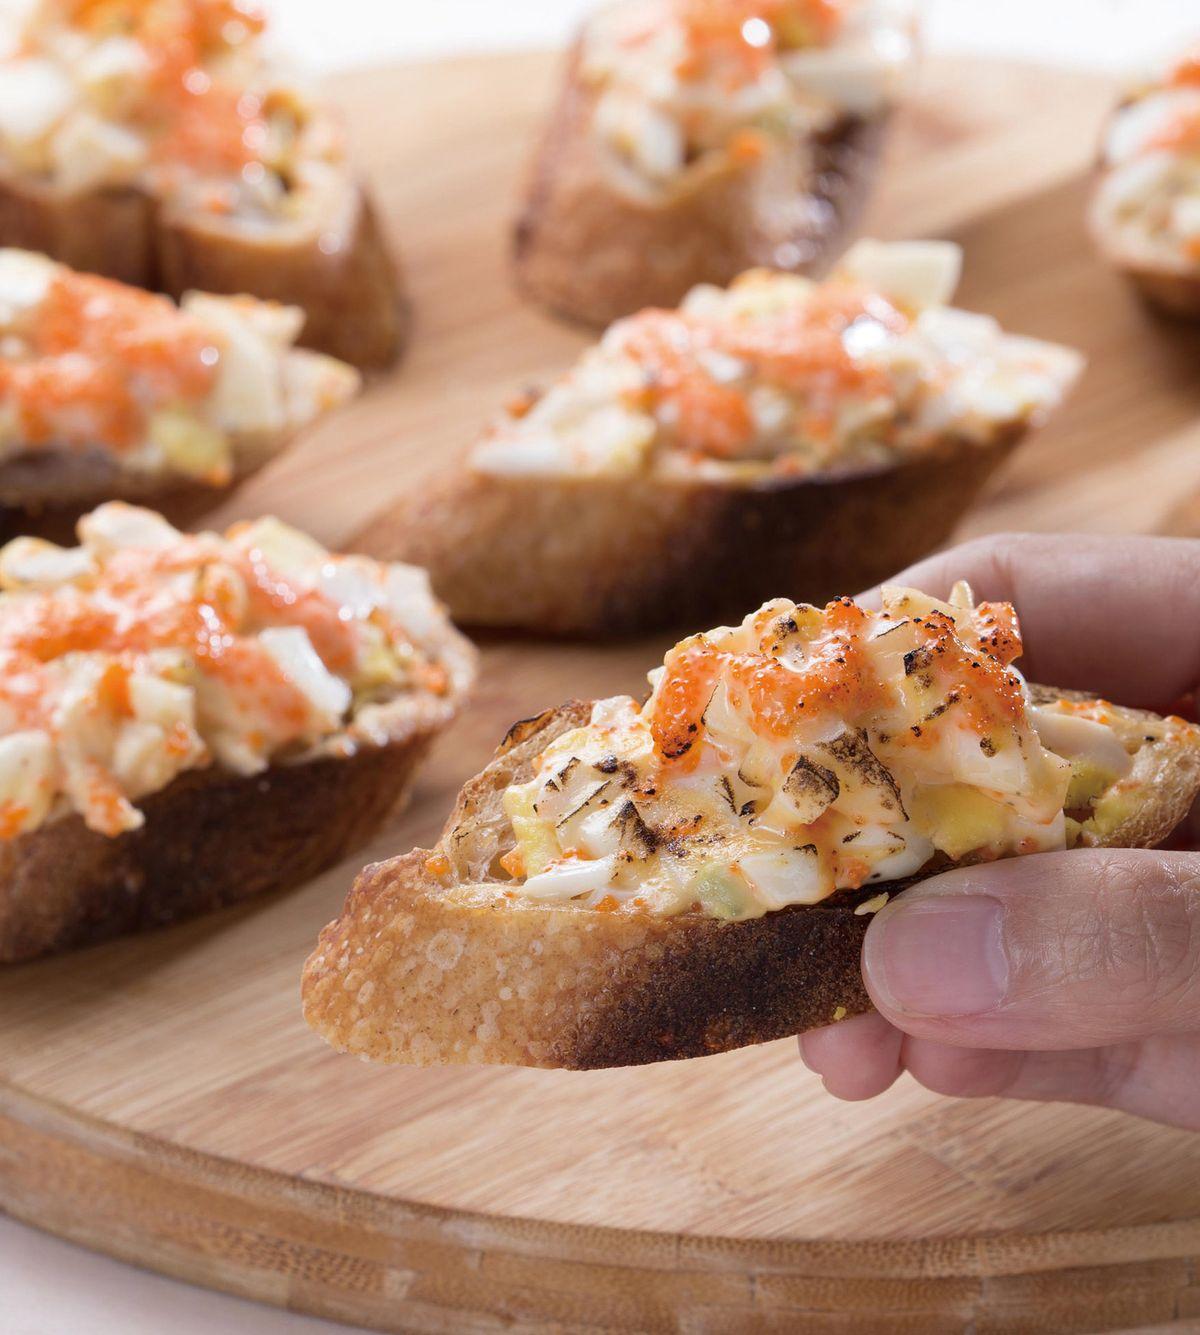 食譜:水煮蛋蝦卵法國麵包